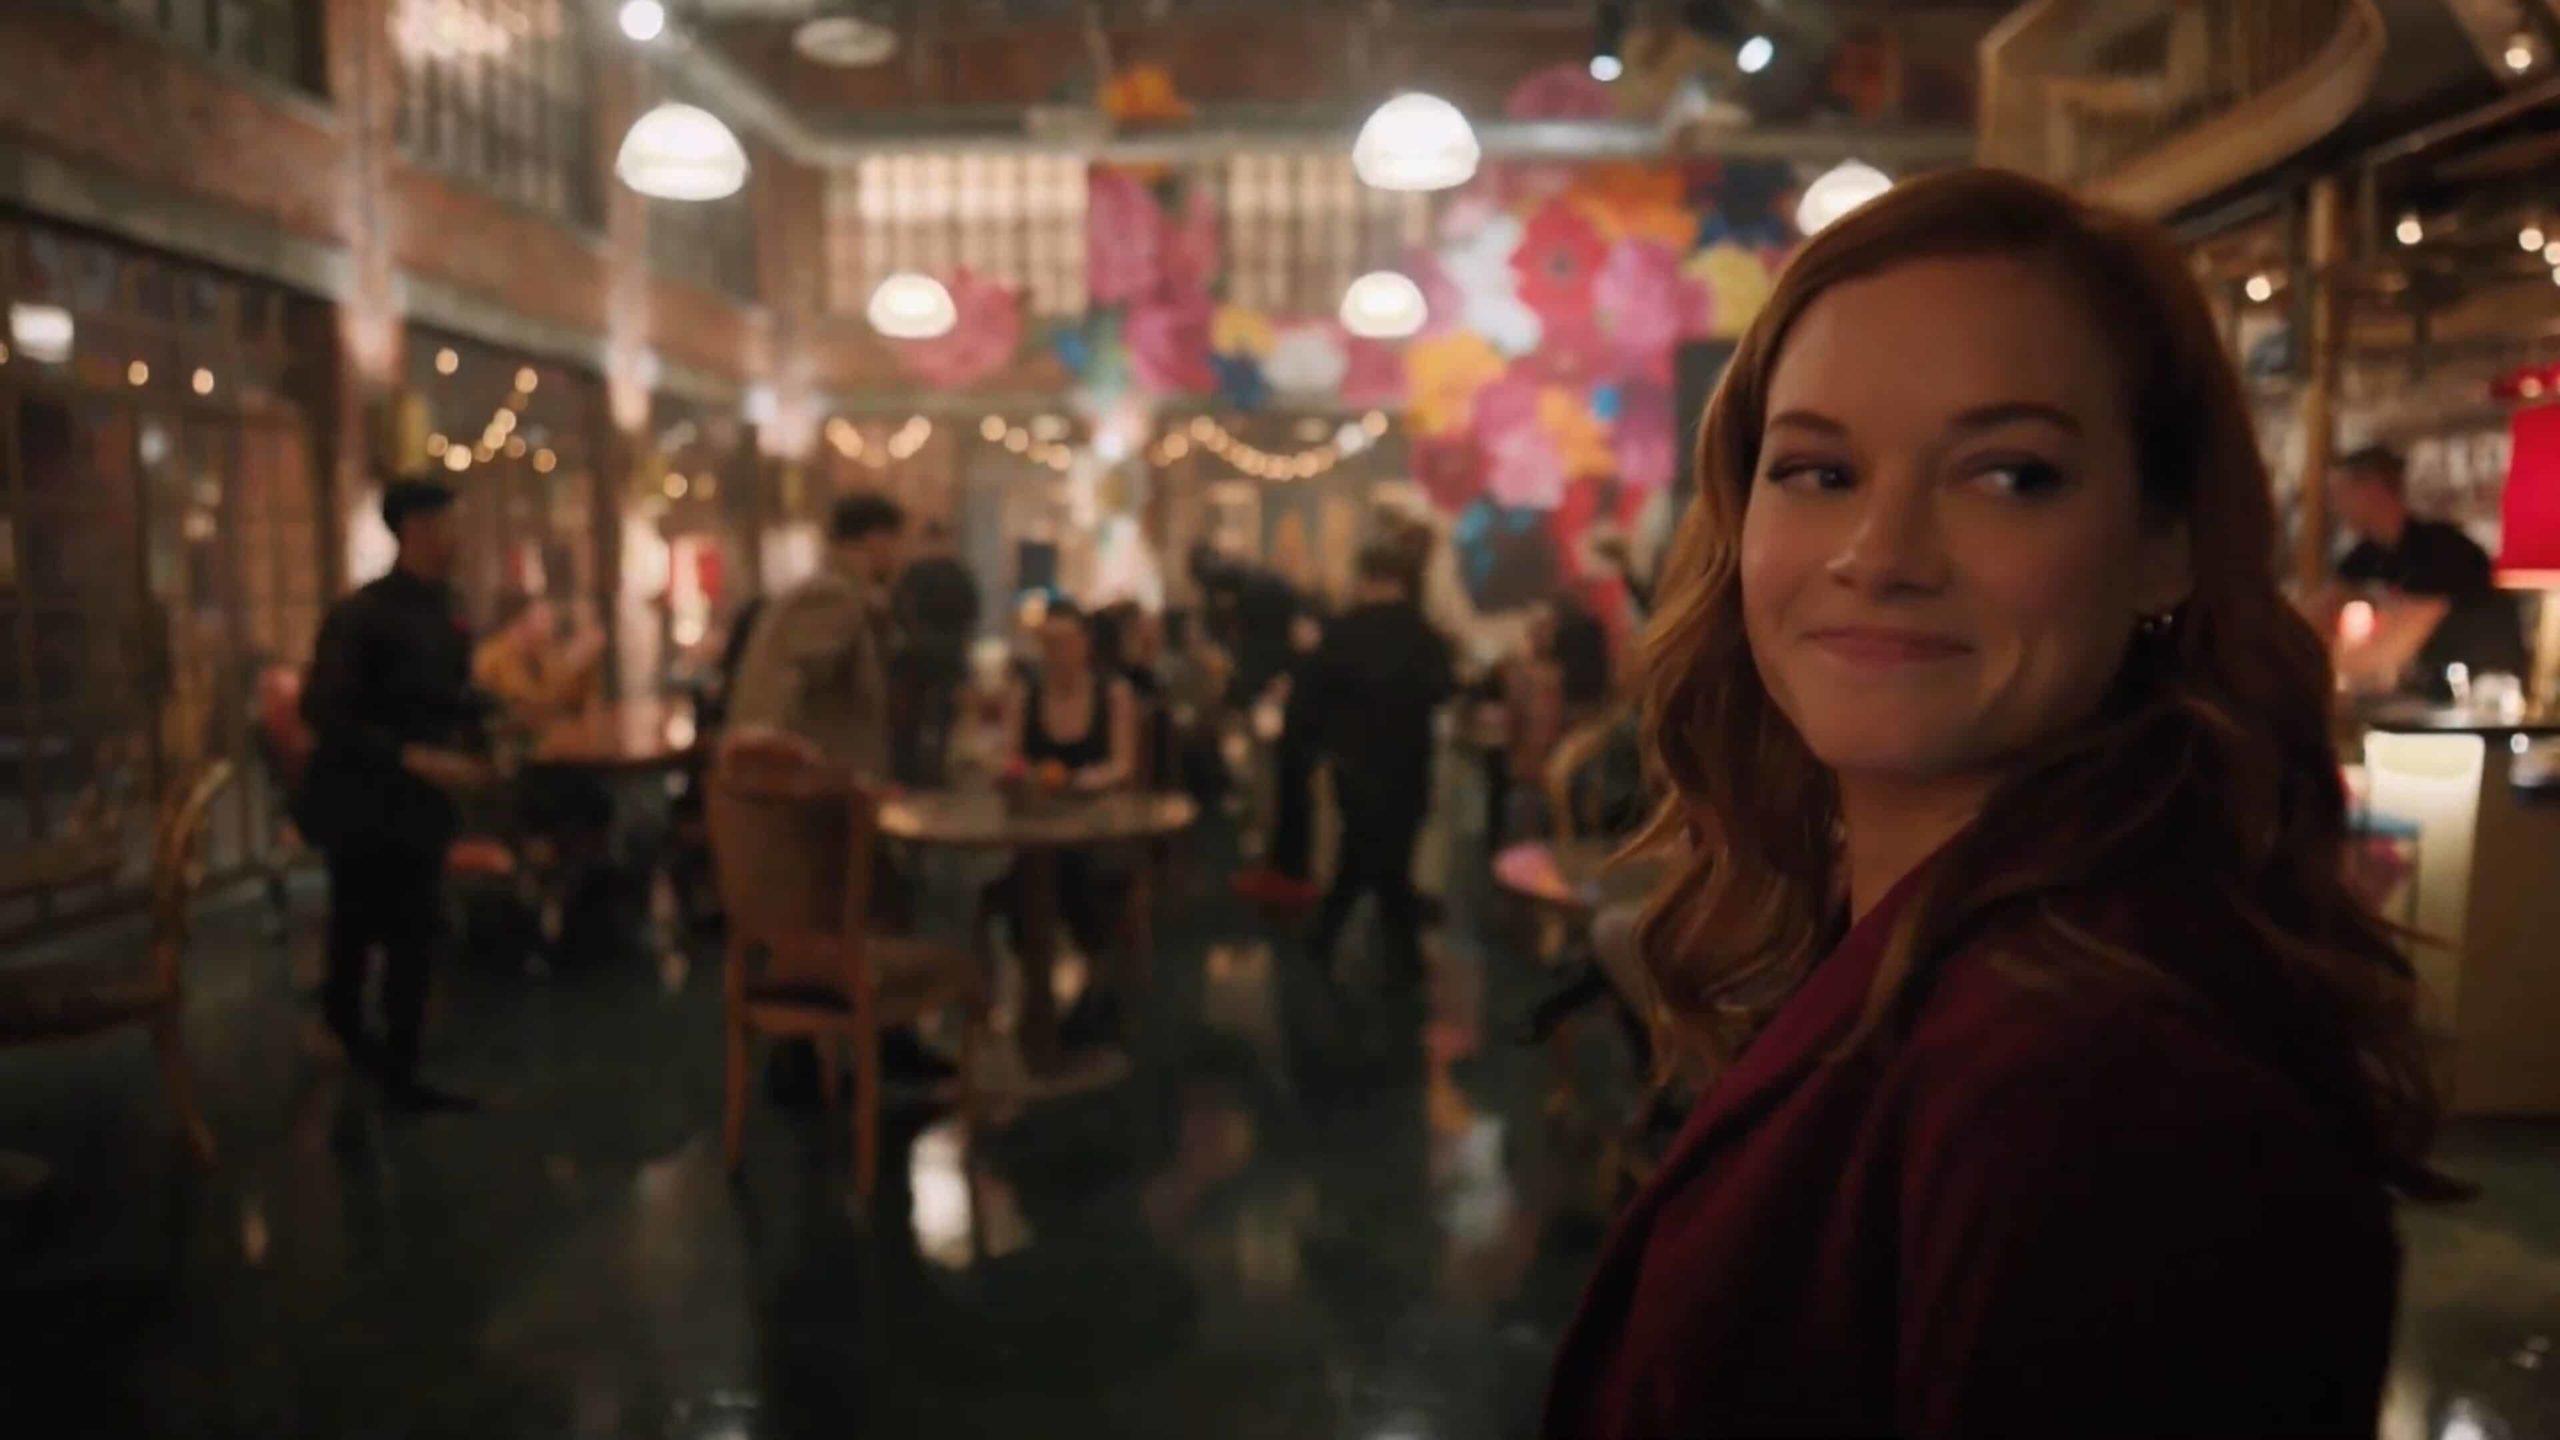 Cena da segunda temporada de Zoey e sua Fantástica Playlist. Vemos uma mulher branca e ruiva dentro de um restaurante movimentado, durante a noite. Ela veste um paletó vinho e olha para trás. Atrás dela, à direita, há um bar. As paredes do local tem tijolos expostos e uma delas foi pintada com várias flores, de cores diferentes.